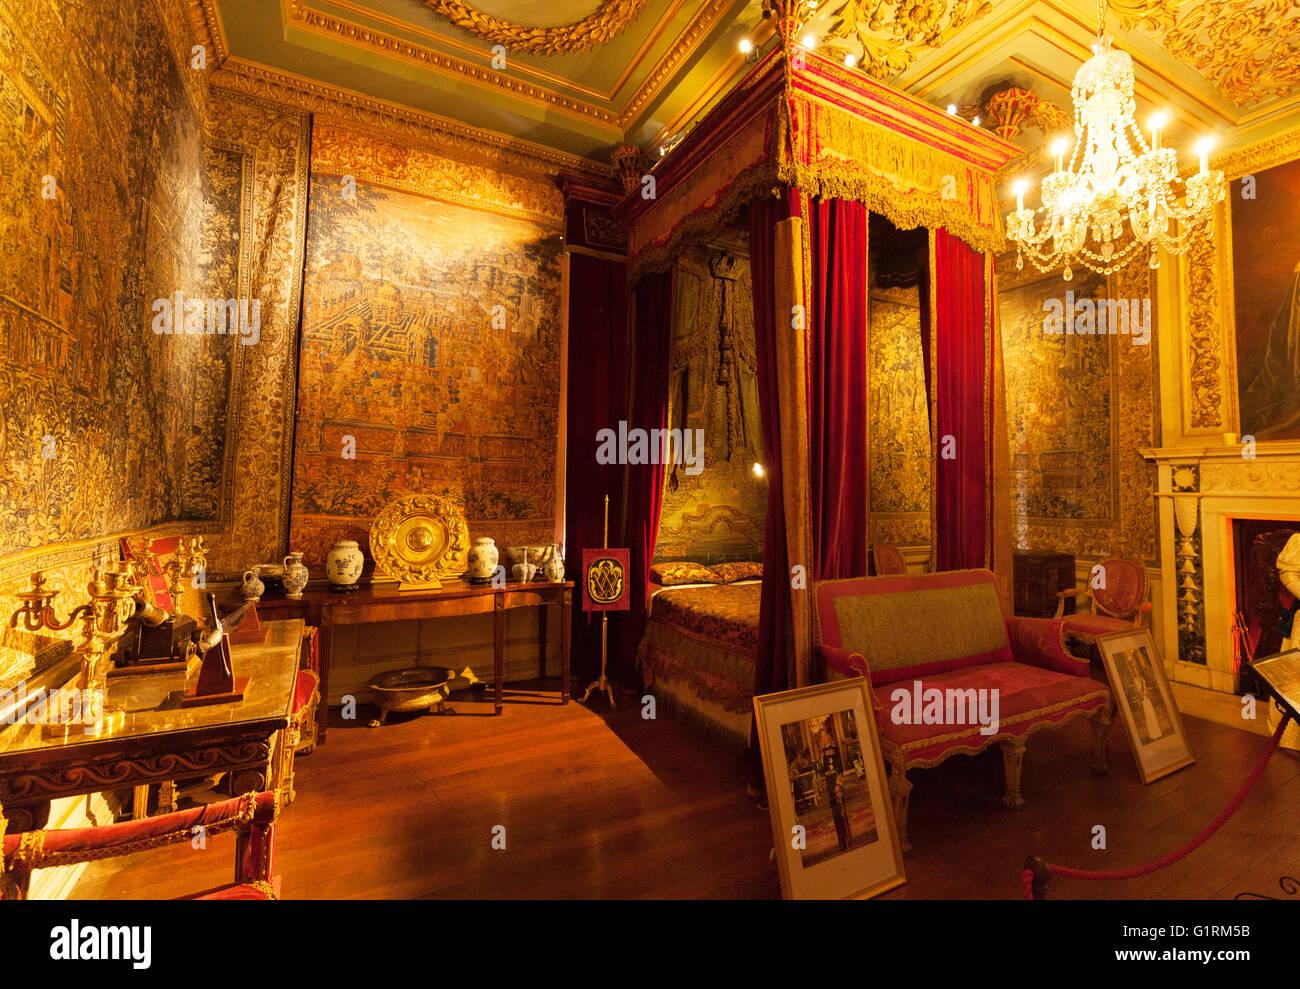 Queen Anne Room Stockfotos & Queen Anne Room Bilder - Alamy